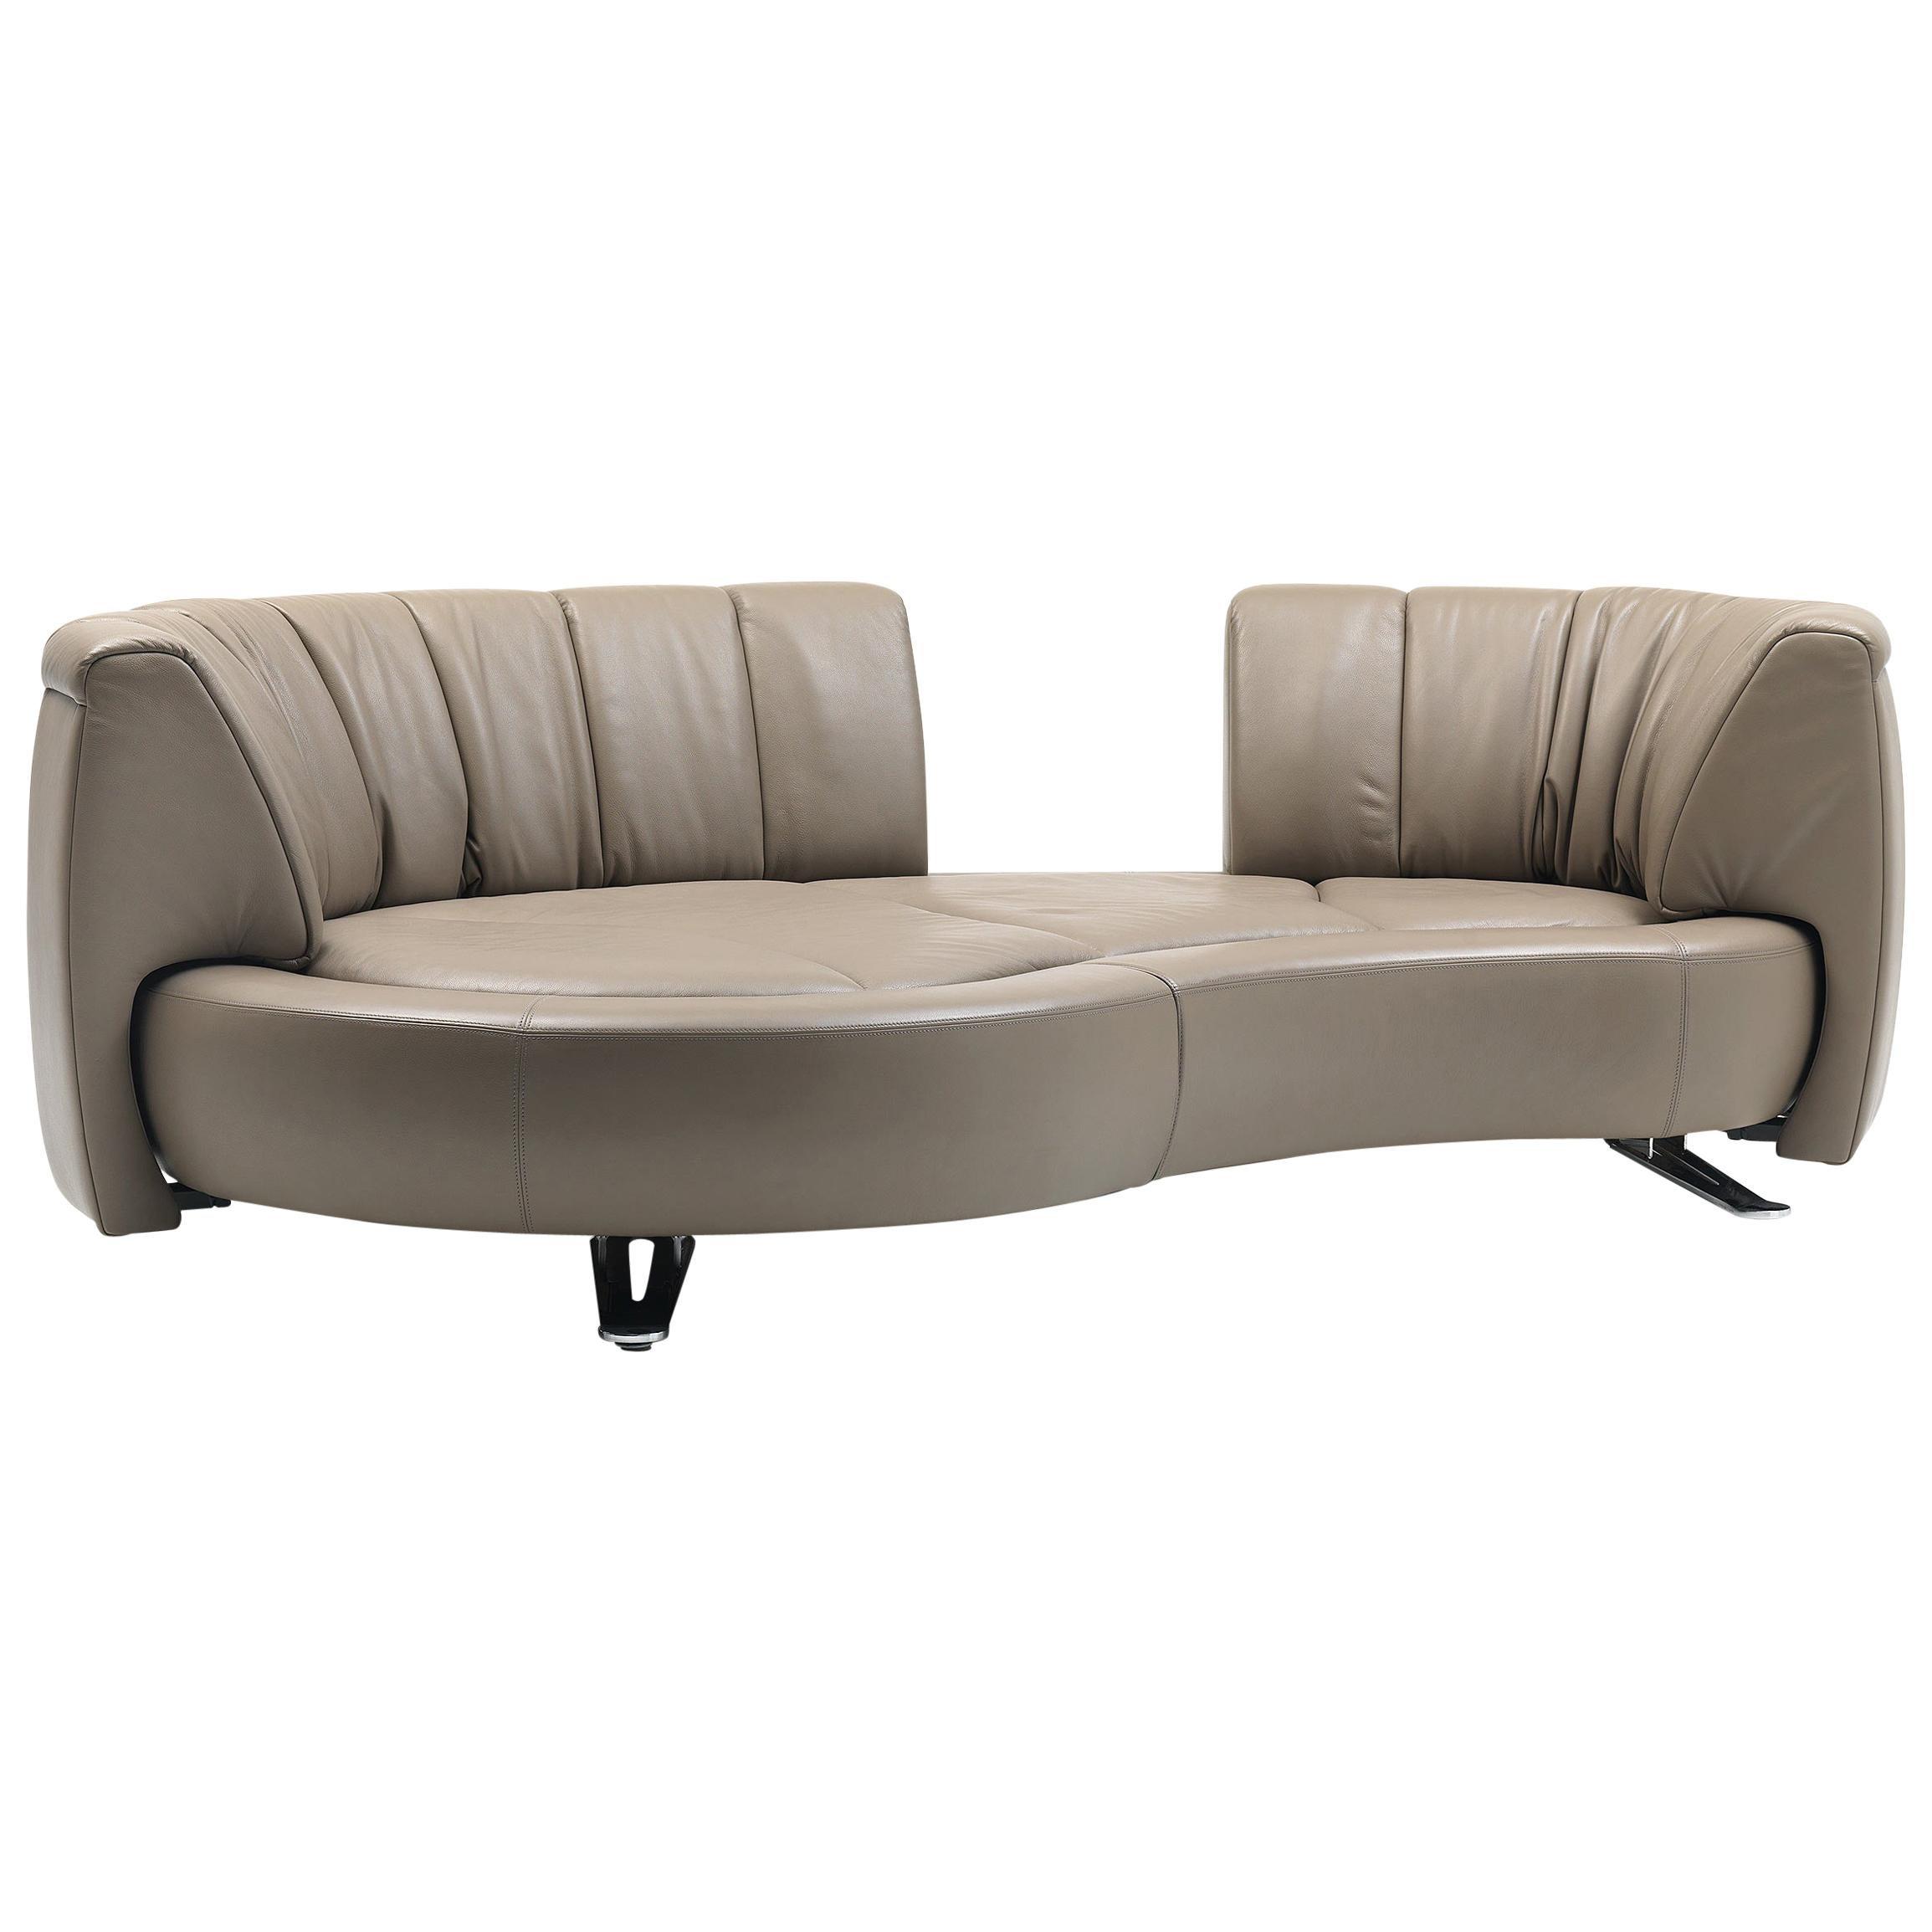 De Sede DS-164 Left Sofa Bed in Schiefer Brown Upholstery by Hugo de Ruiter